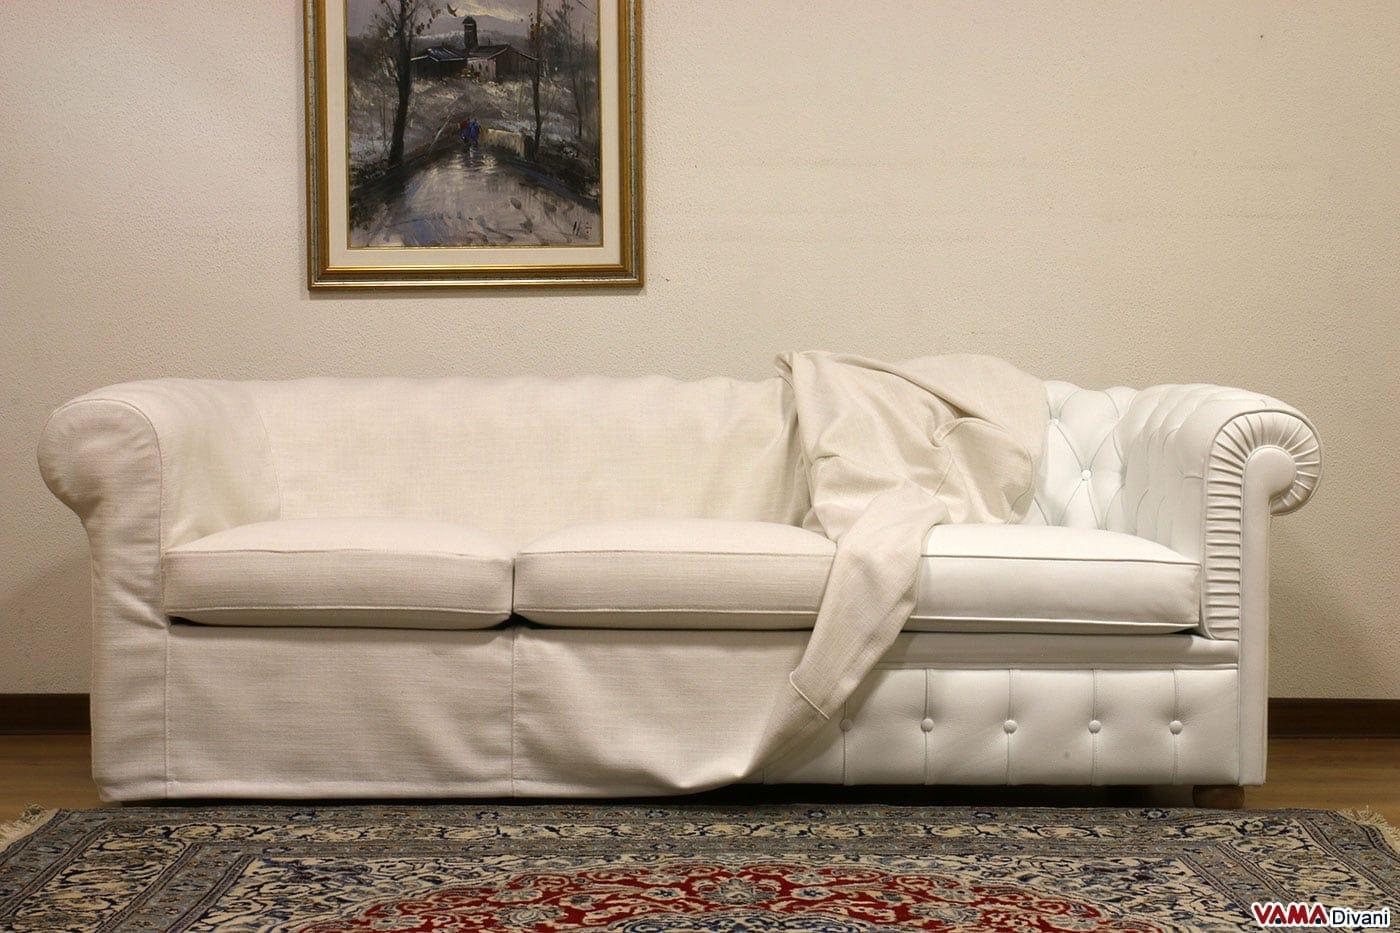 Fodera copridivano in tessuto per i divani chesterfield for Copri testata letto ikea